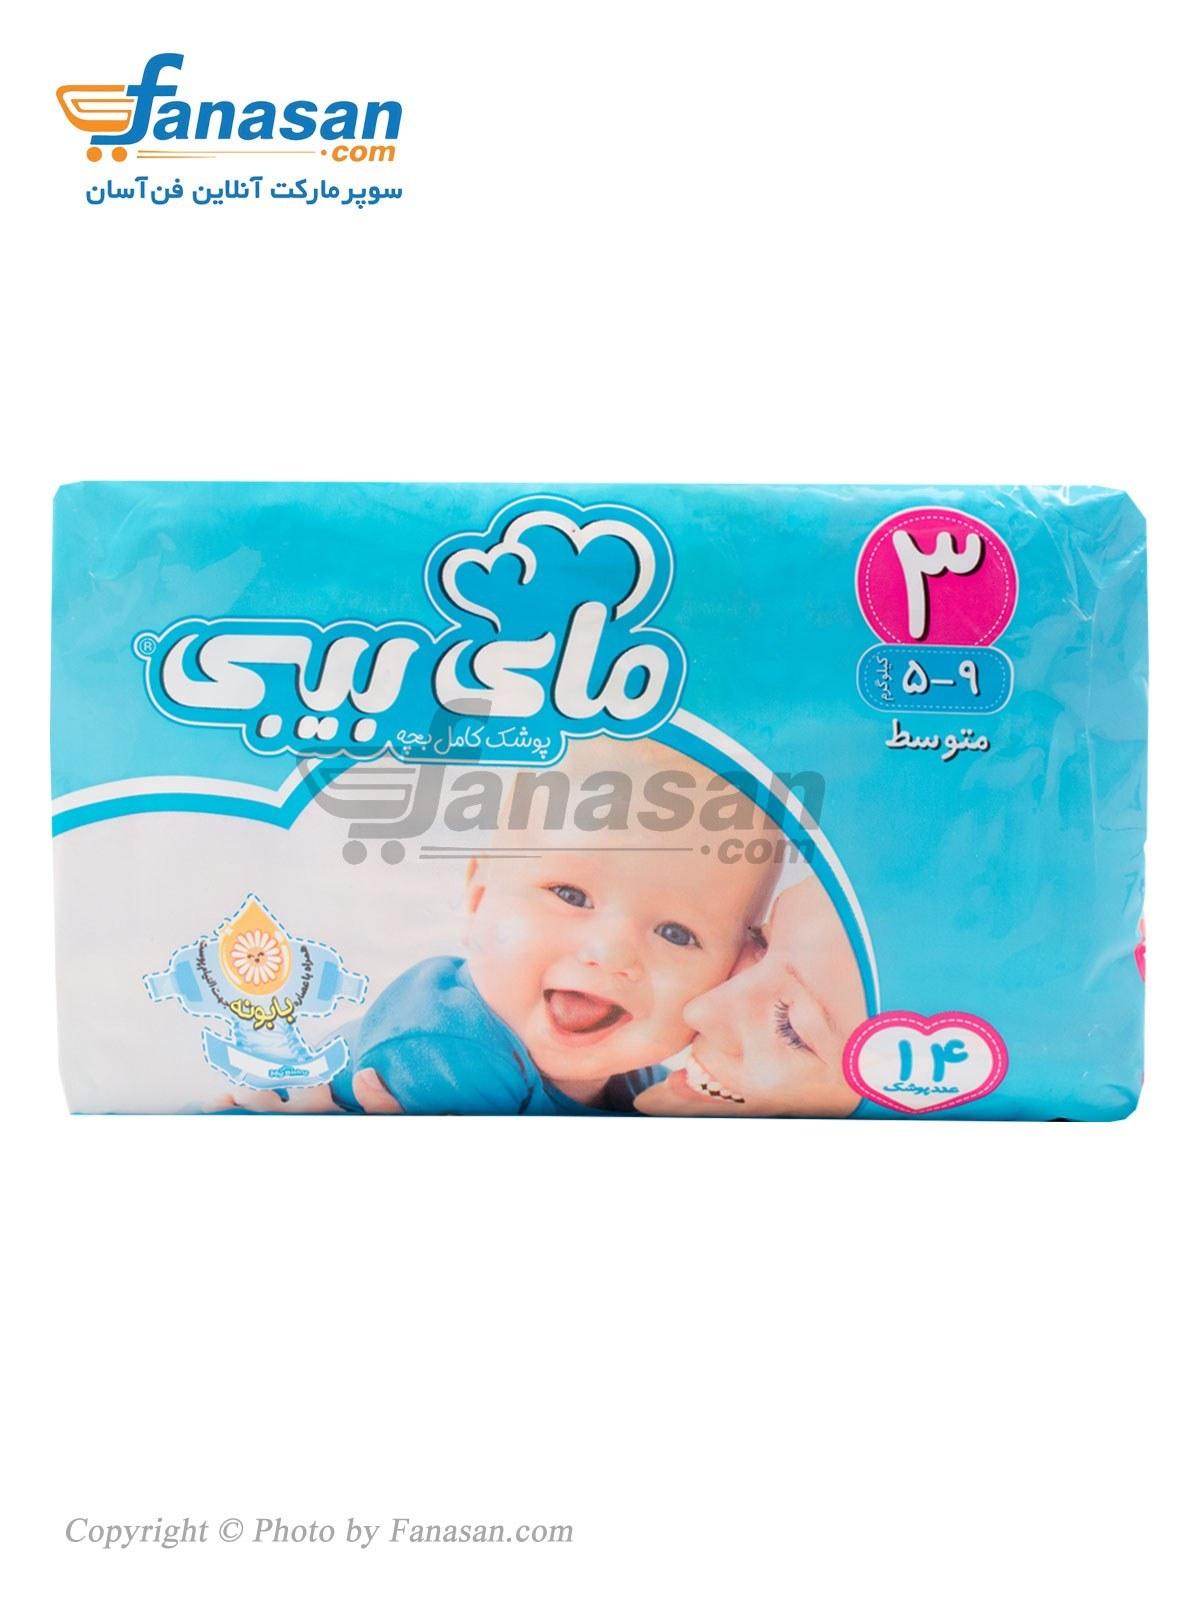 پوشک کامل بچه مای بیبی همراه با عصاره بابونه سایز 3 متوسط 14 عددی | My baby baby diaper medium siza 5 pake 14 pcs